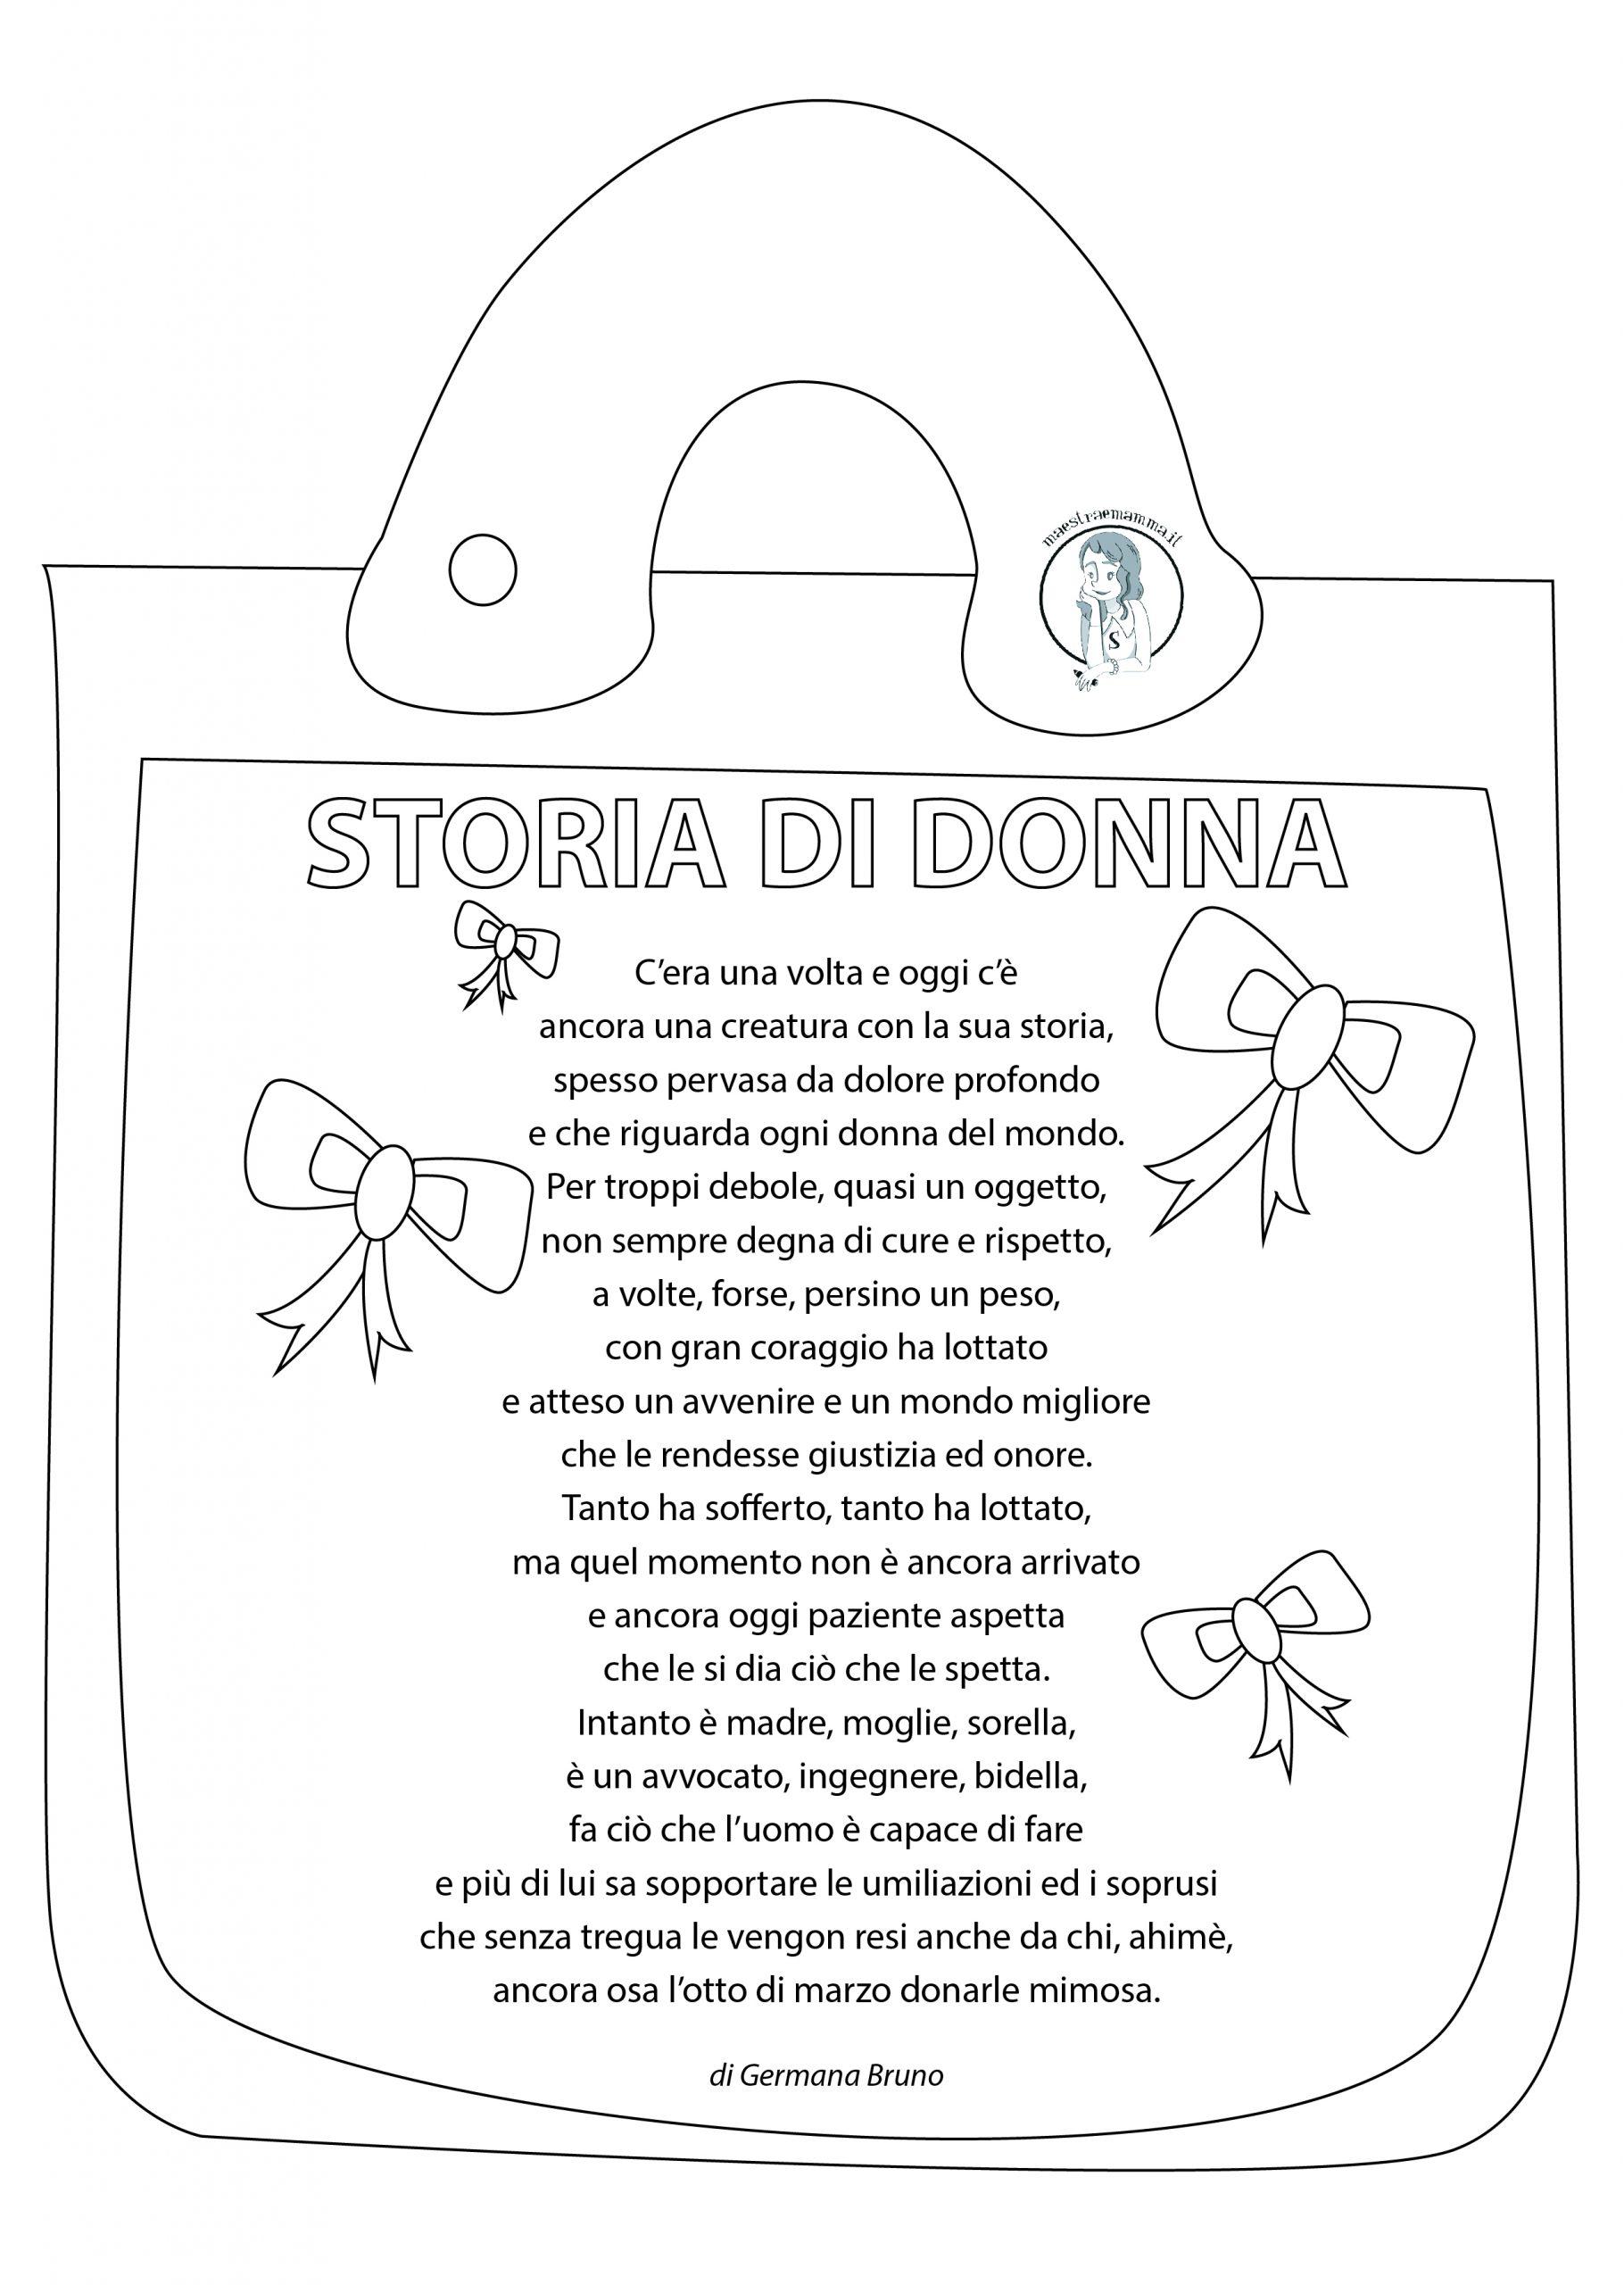 Festa della donna 8 marzo poesia di germana bruno